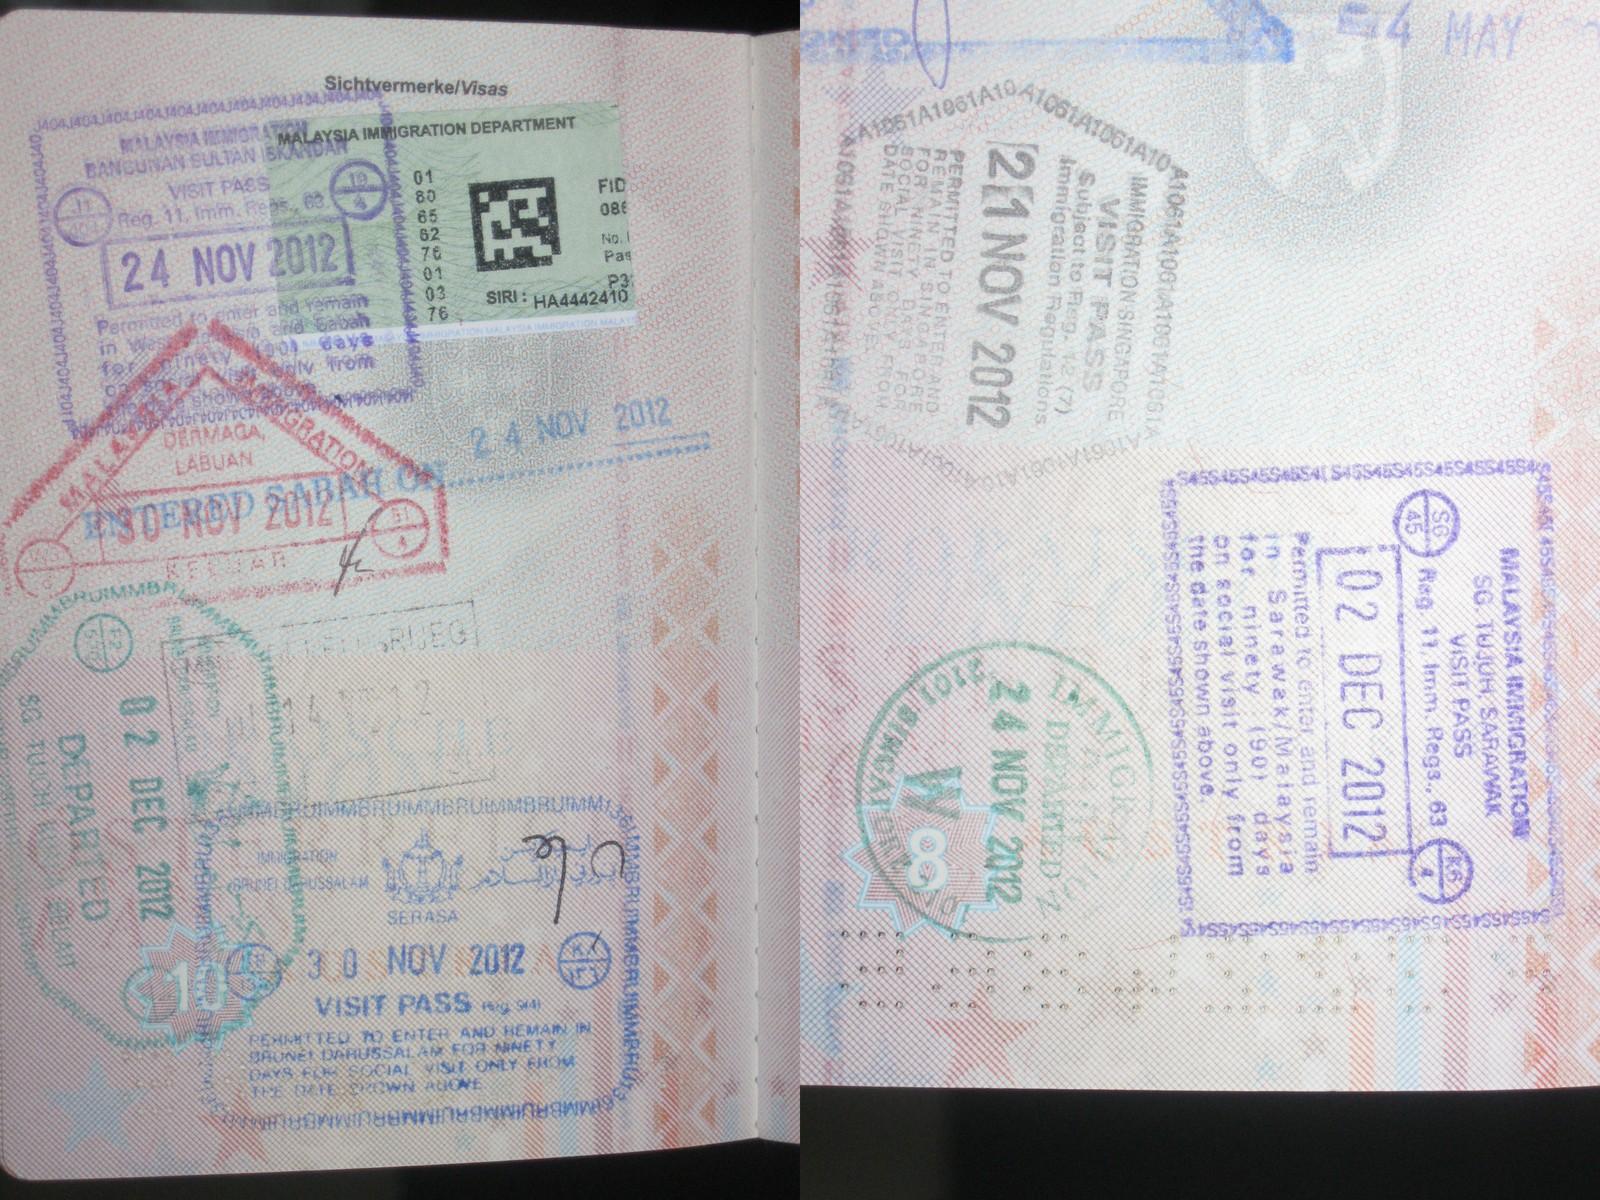 Stempel im Reisepass